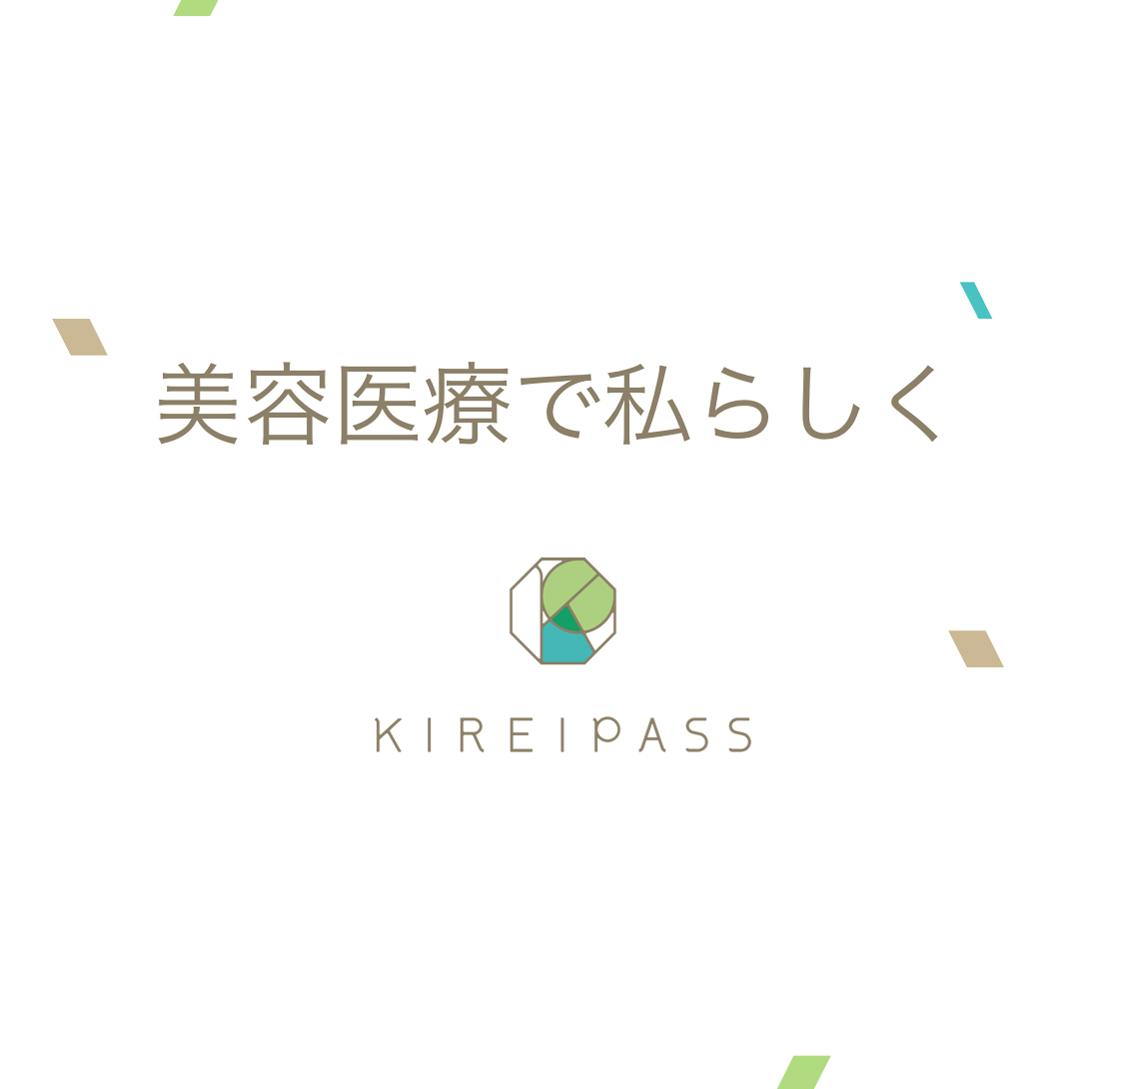 美容医療チケット購入サイト『KIREIPASS』が、日本マーケティングリサーチ機構の調査で第1位に選ばれました。